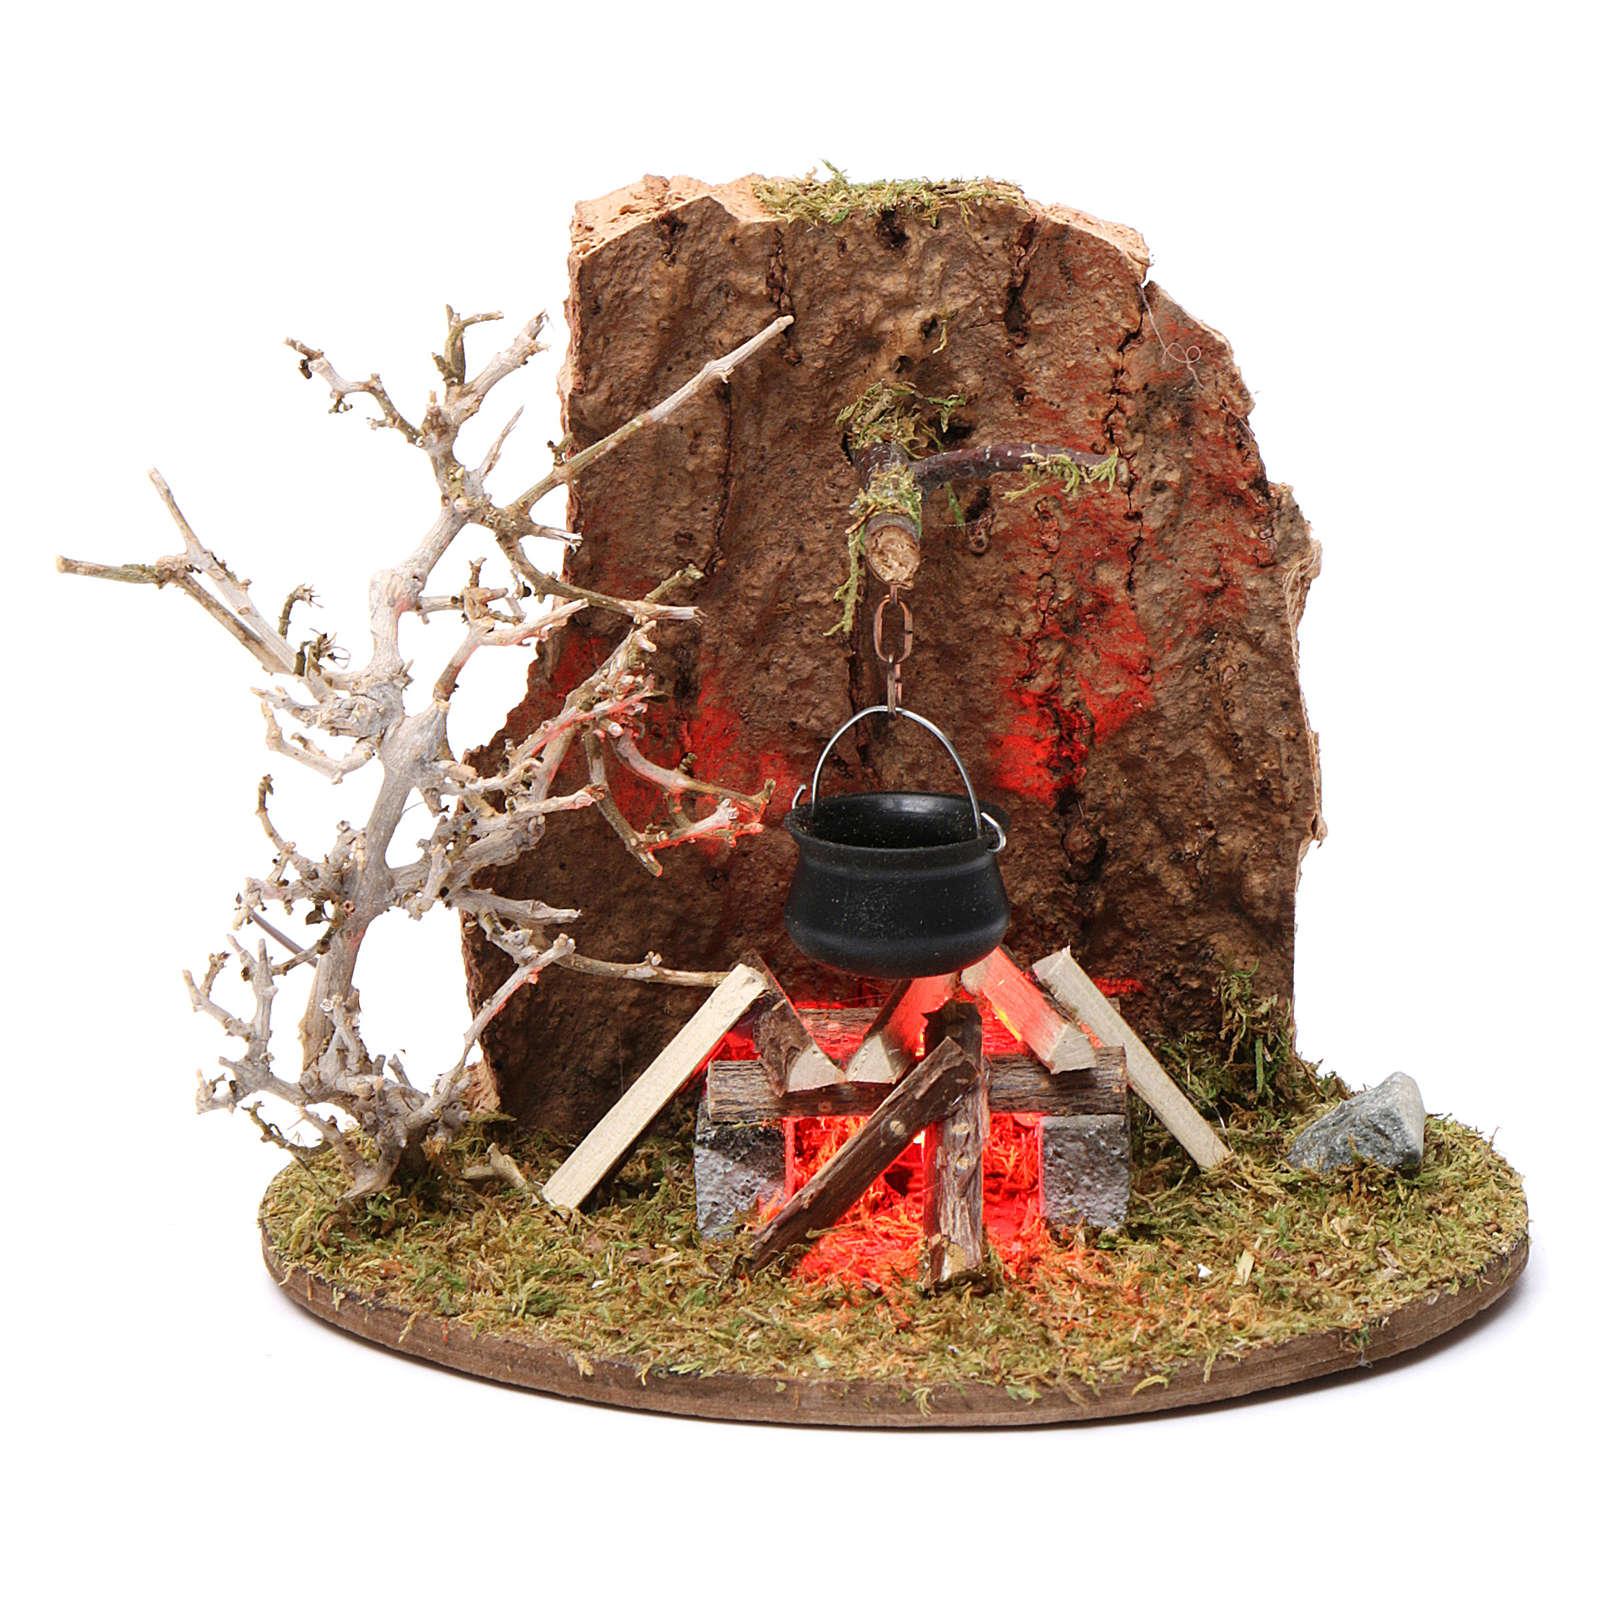 Fuego y olla de campamento para belén 10-12 cm de altura media madera llama iluminada 3,5-4,5V 4